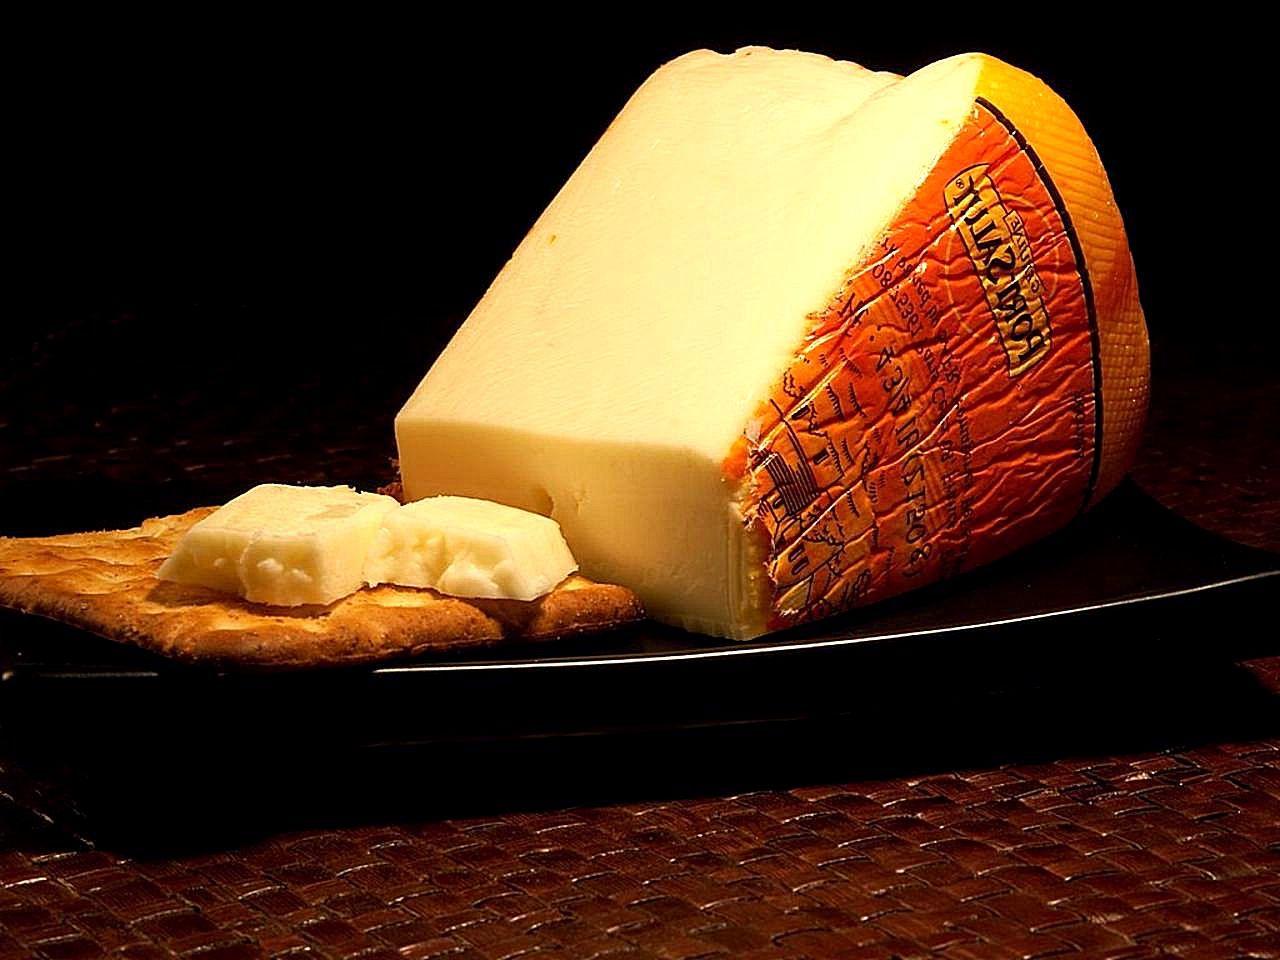 Un queso funcional que ayudaría a reducir el colesterol